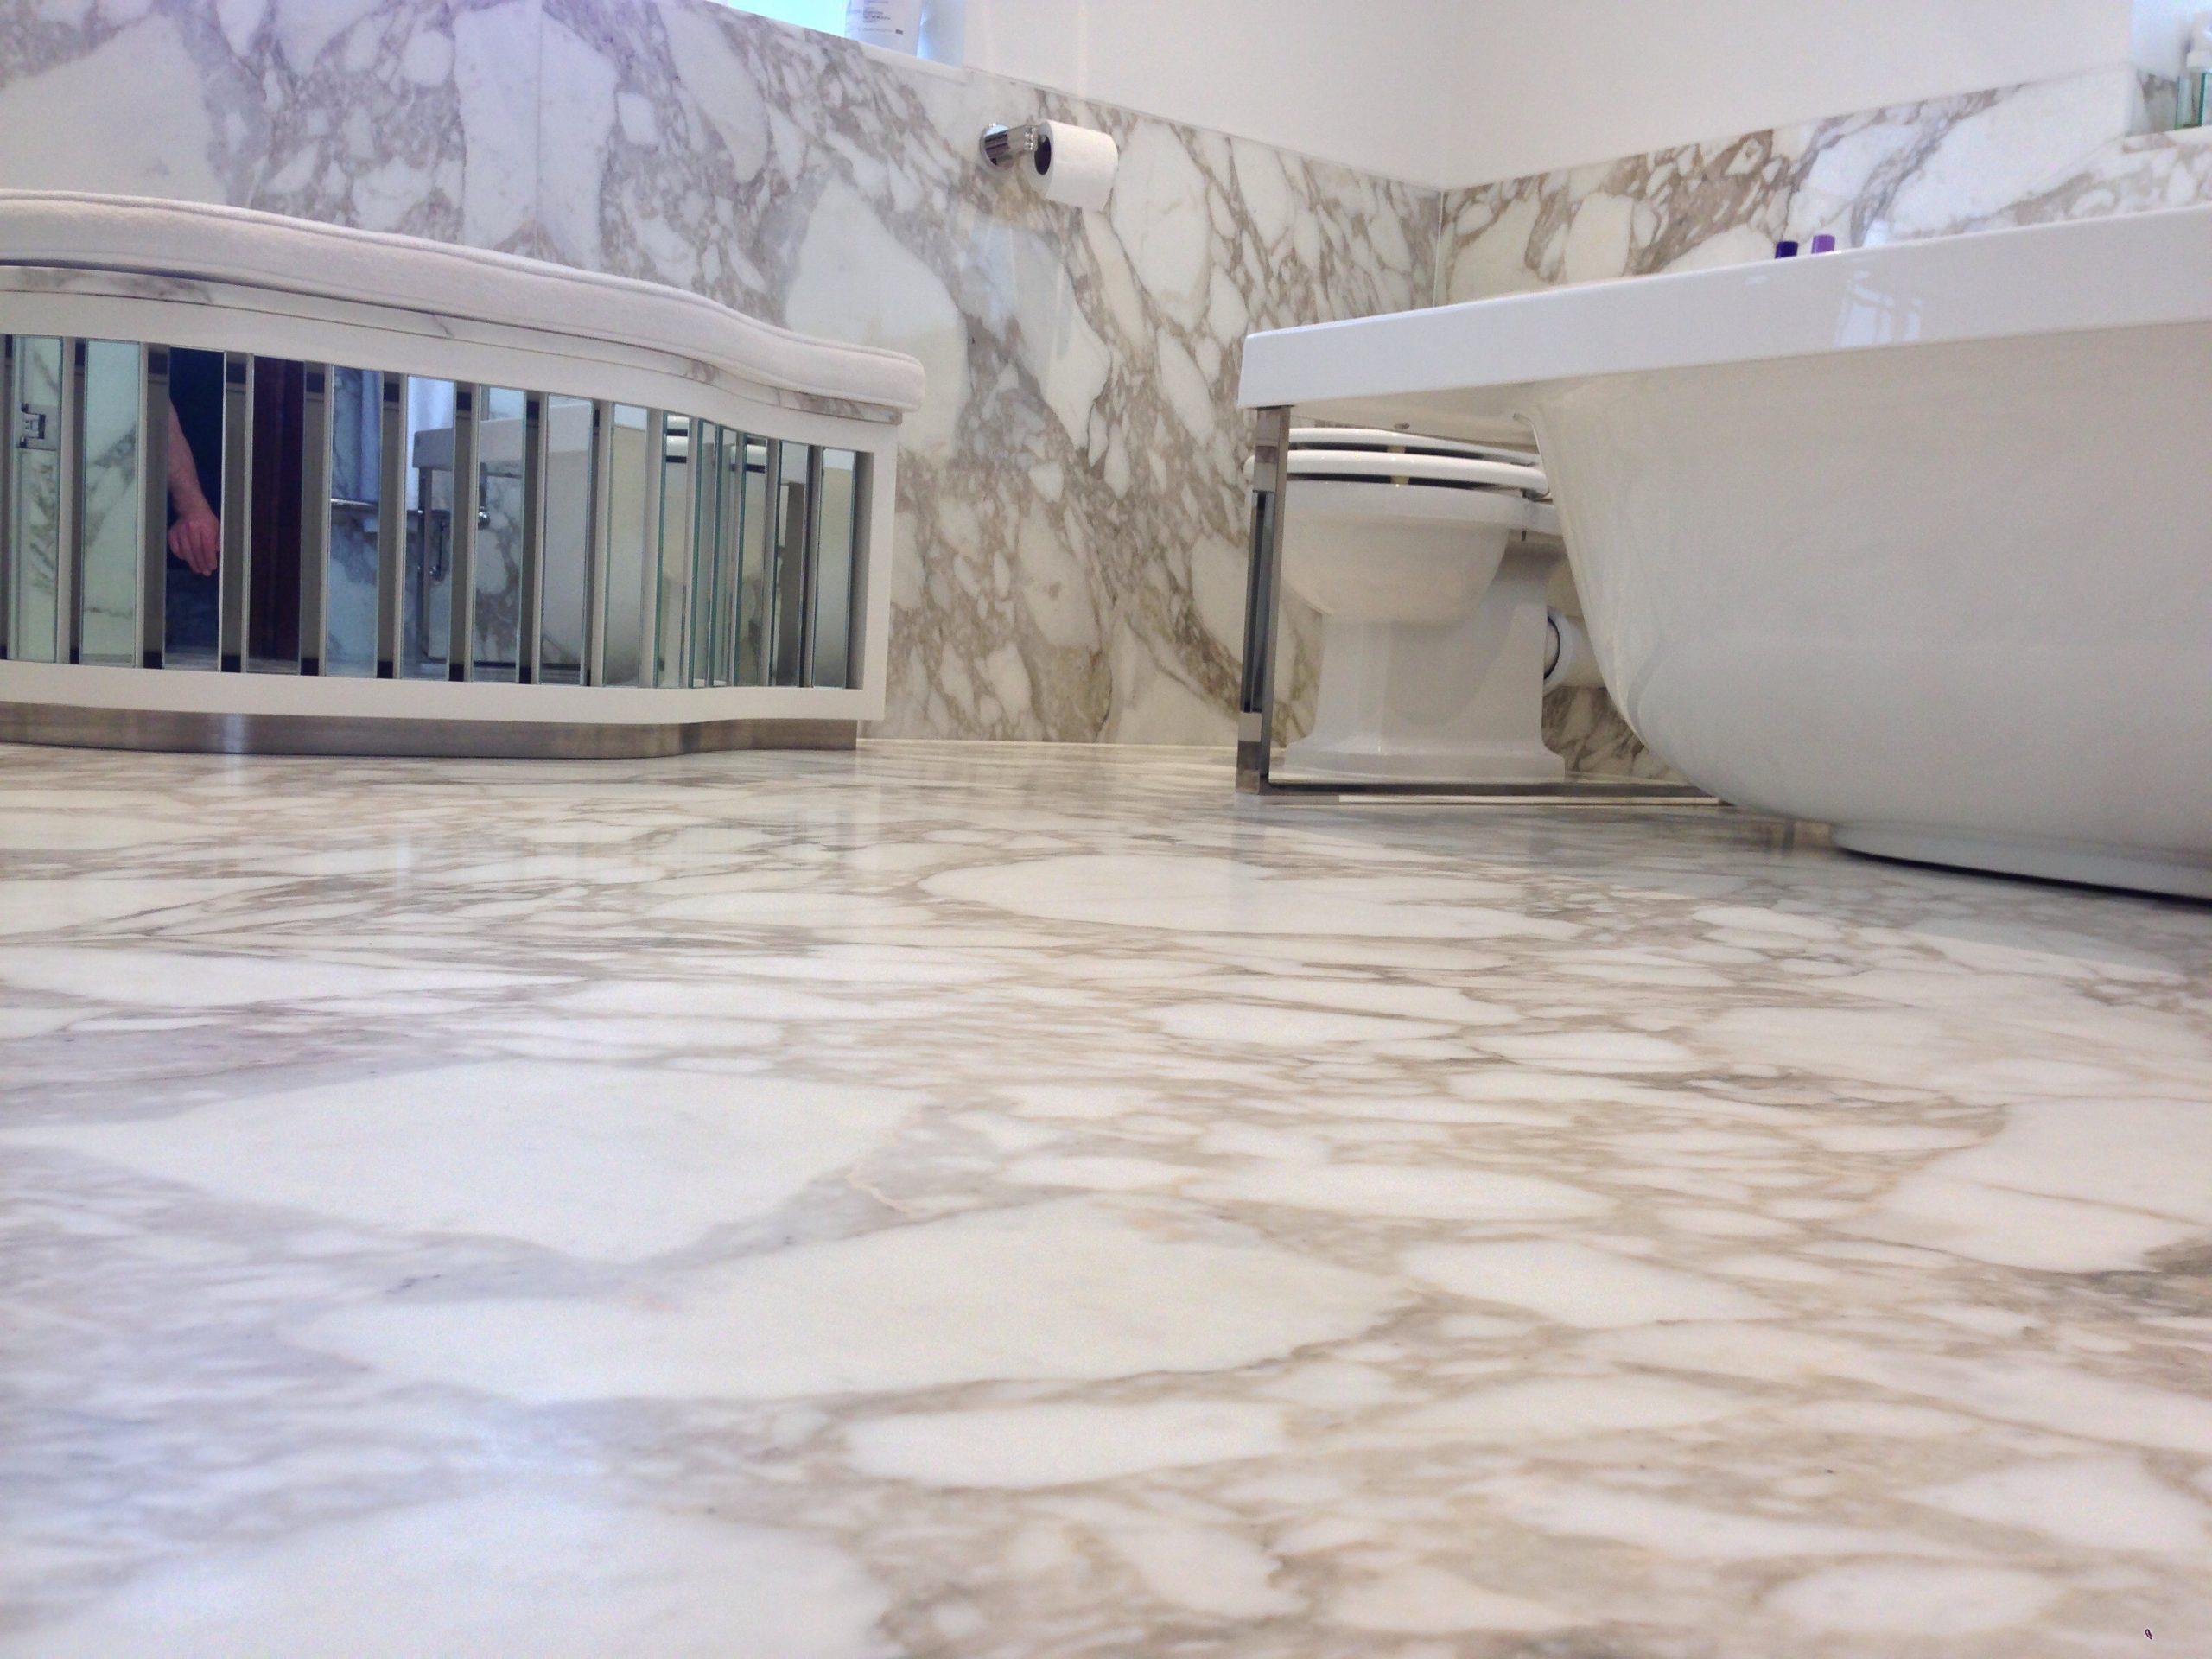 Marble tiled bath room